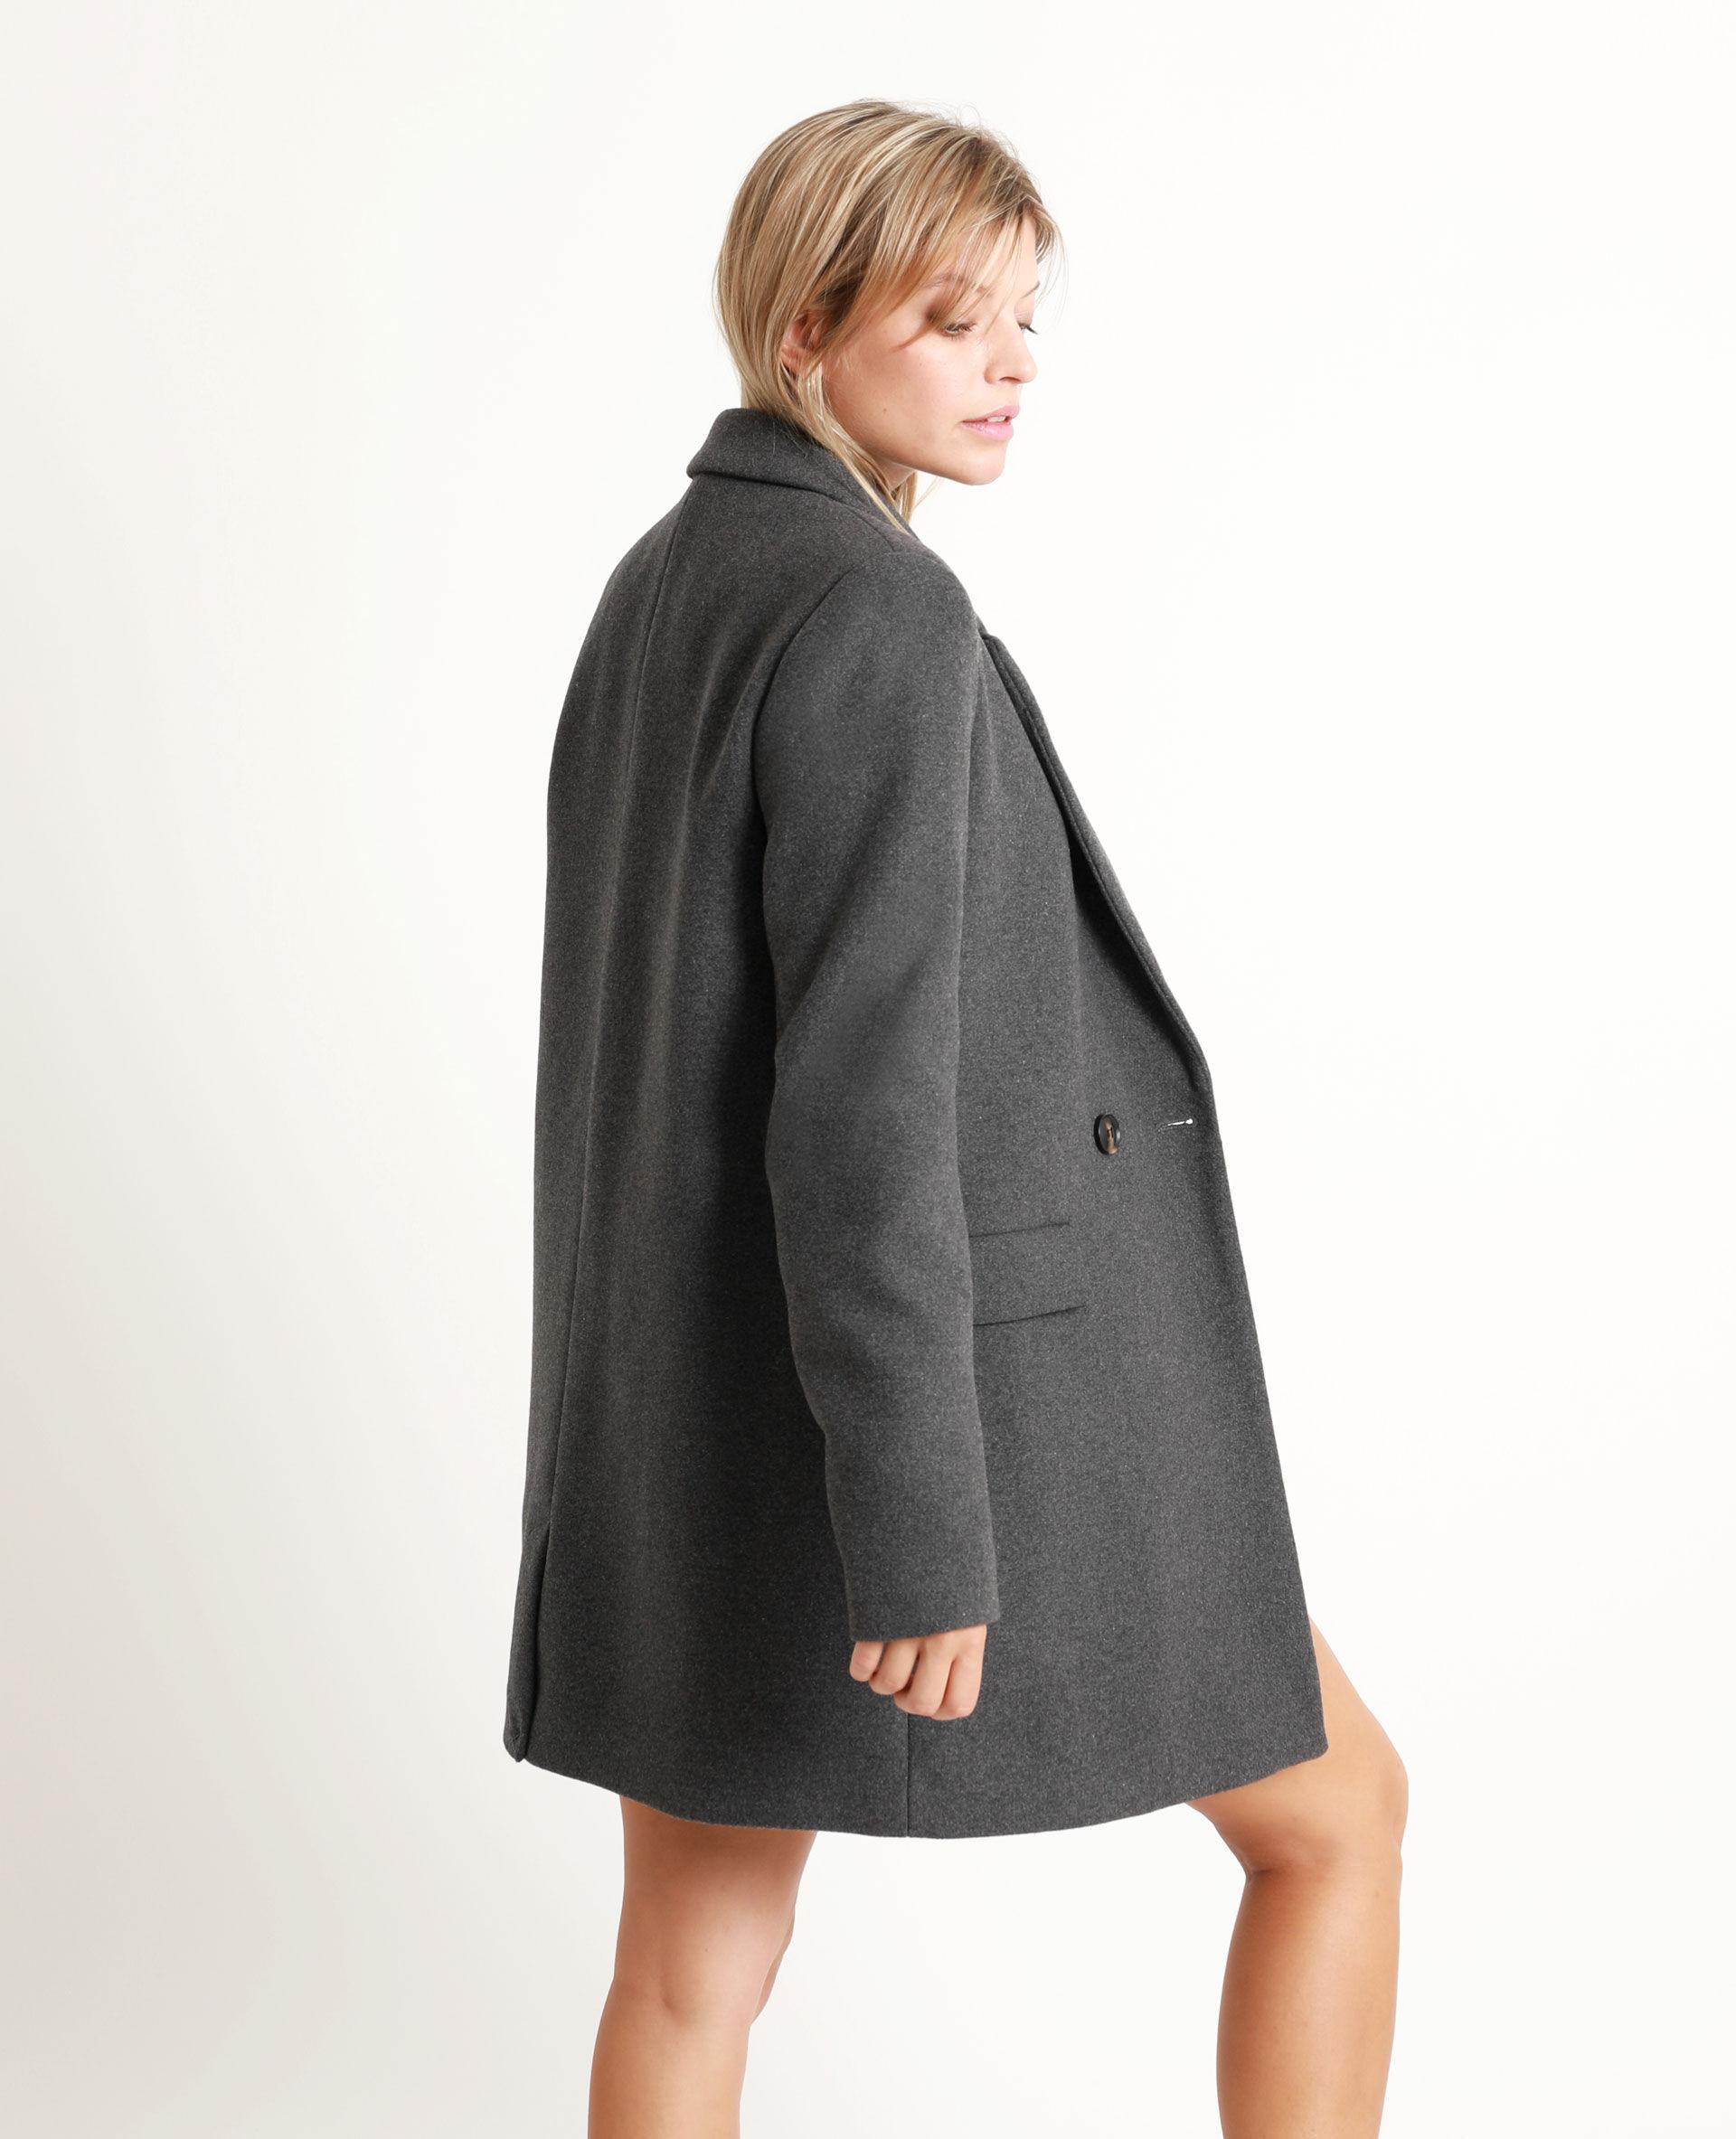 Gros bouton noir pour manteau